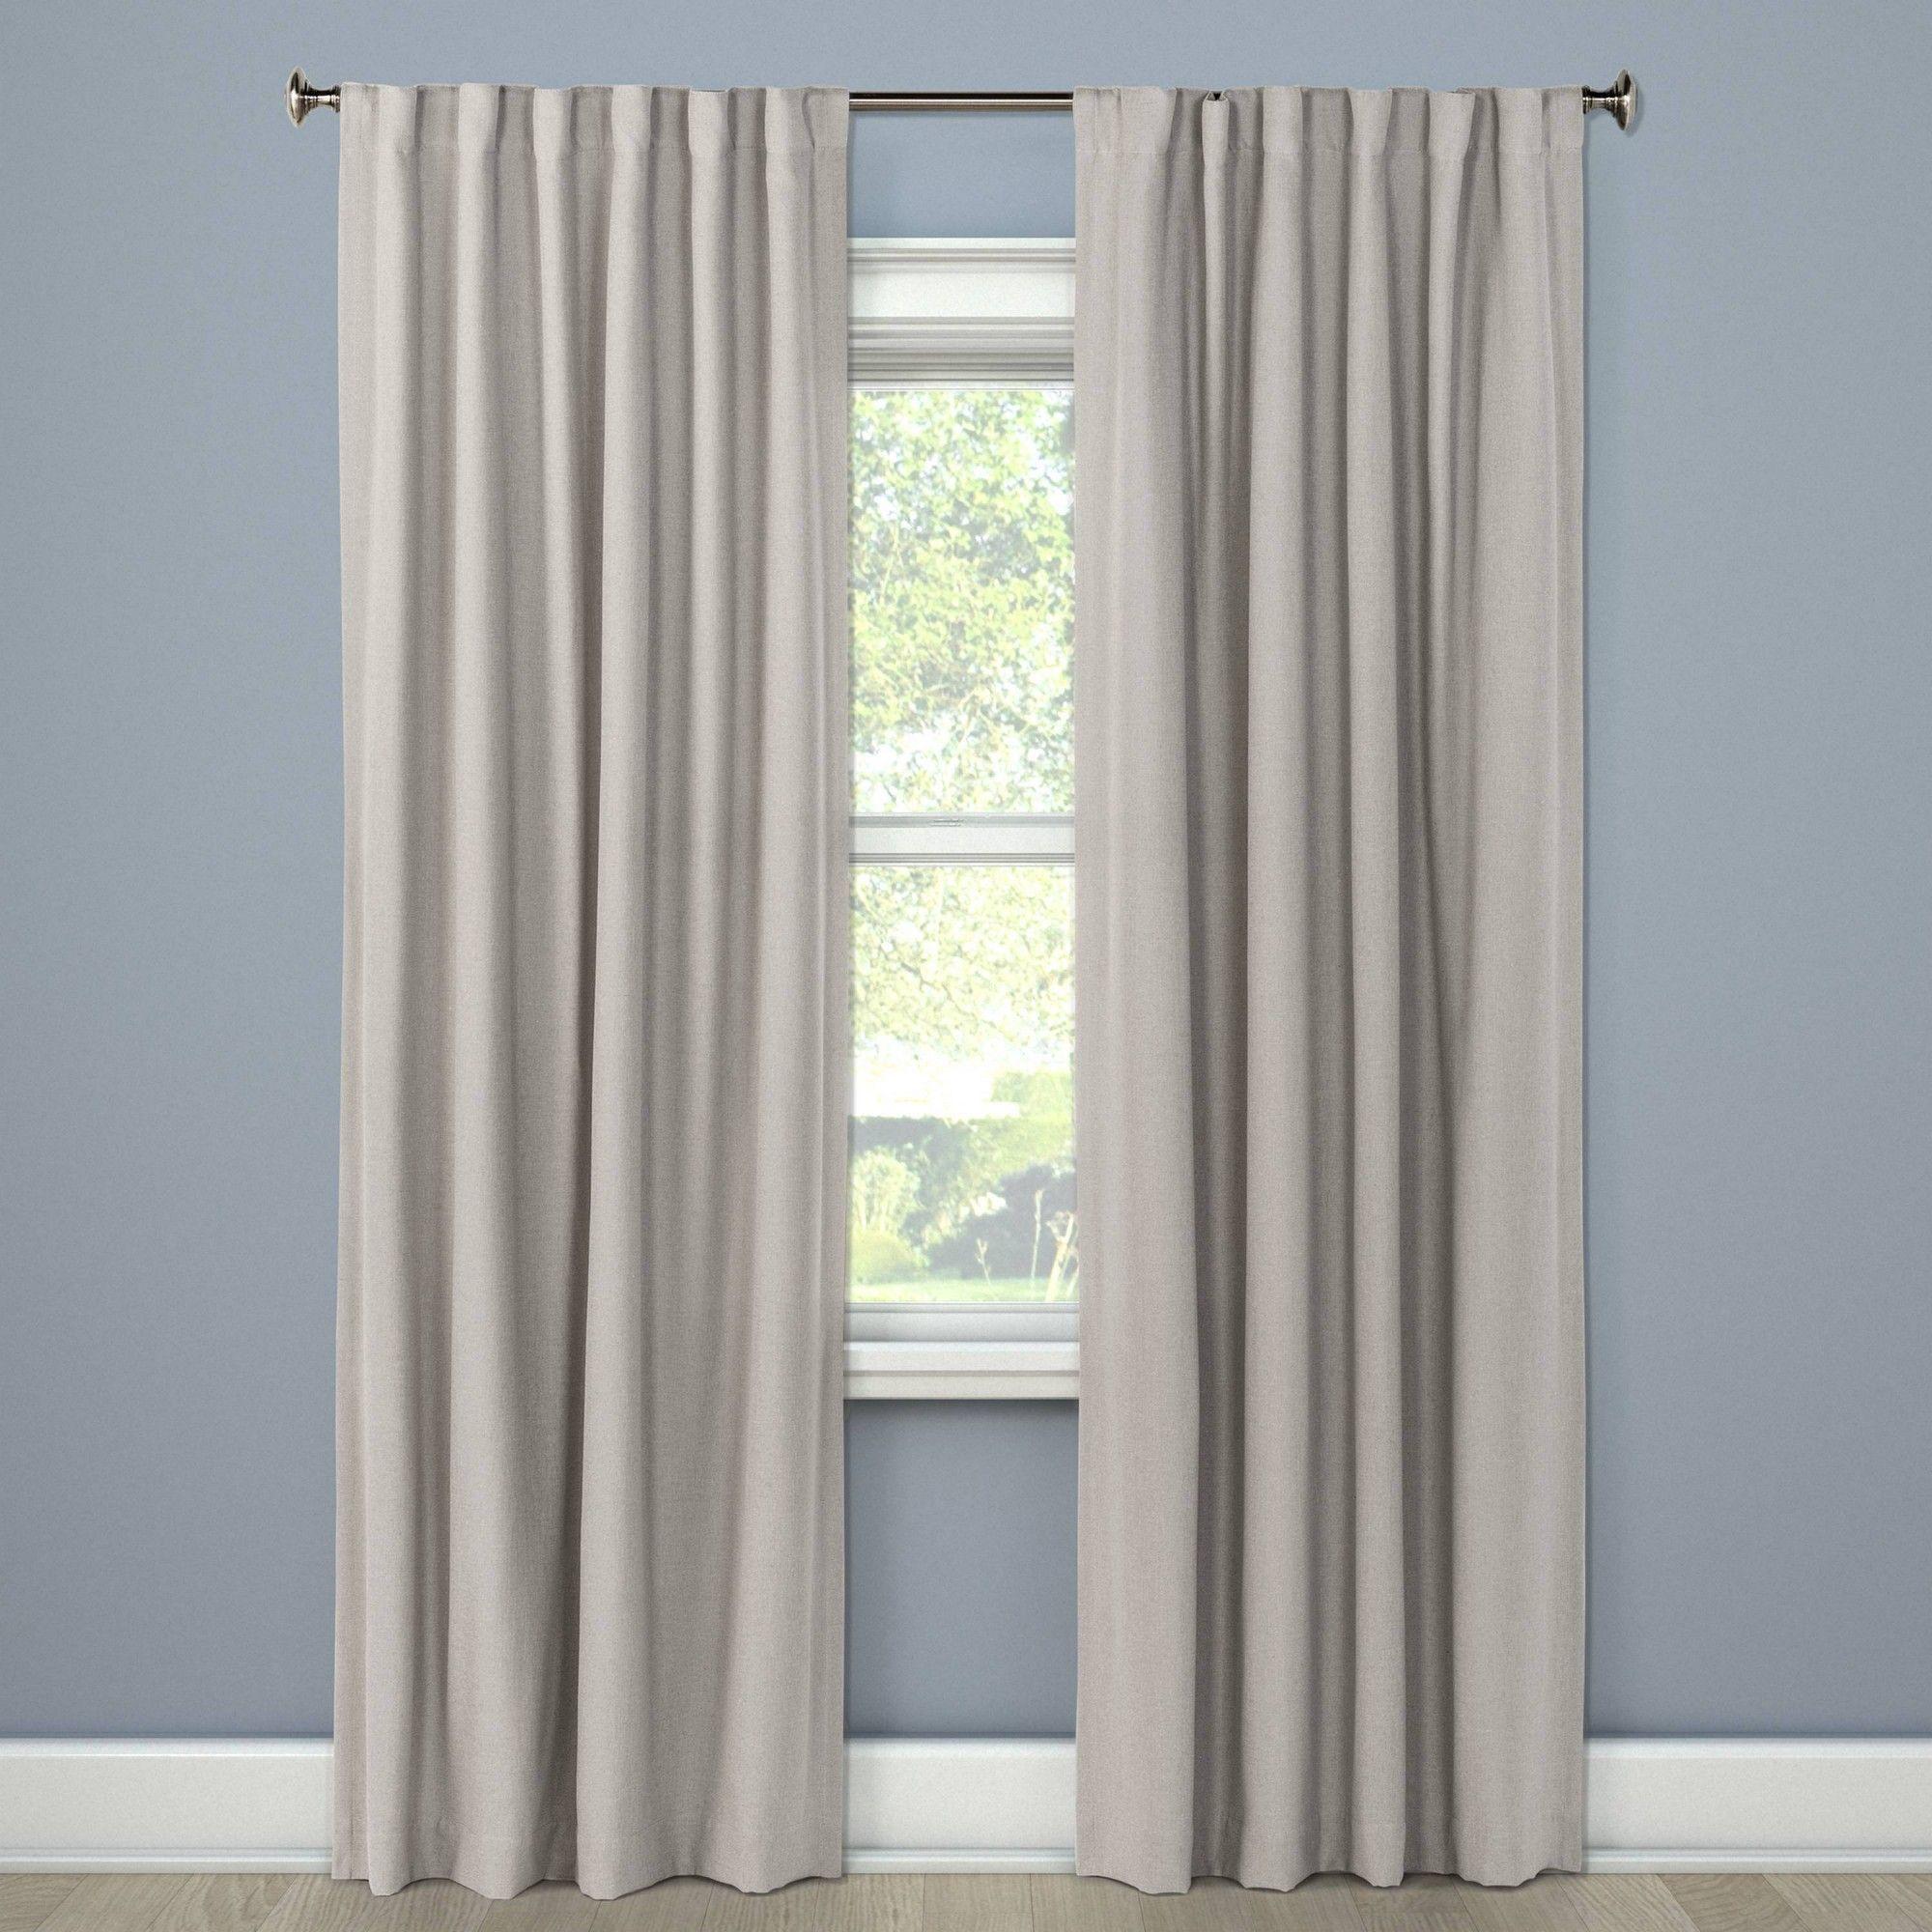 50 X63 Aruba Linen Blackout Curtain Panel Seagull Threshold